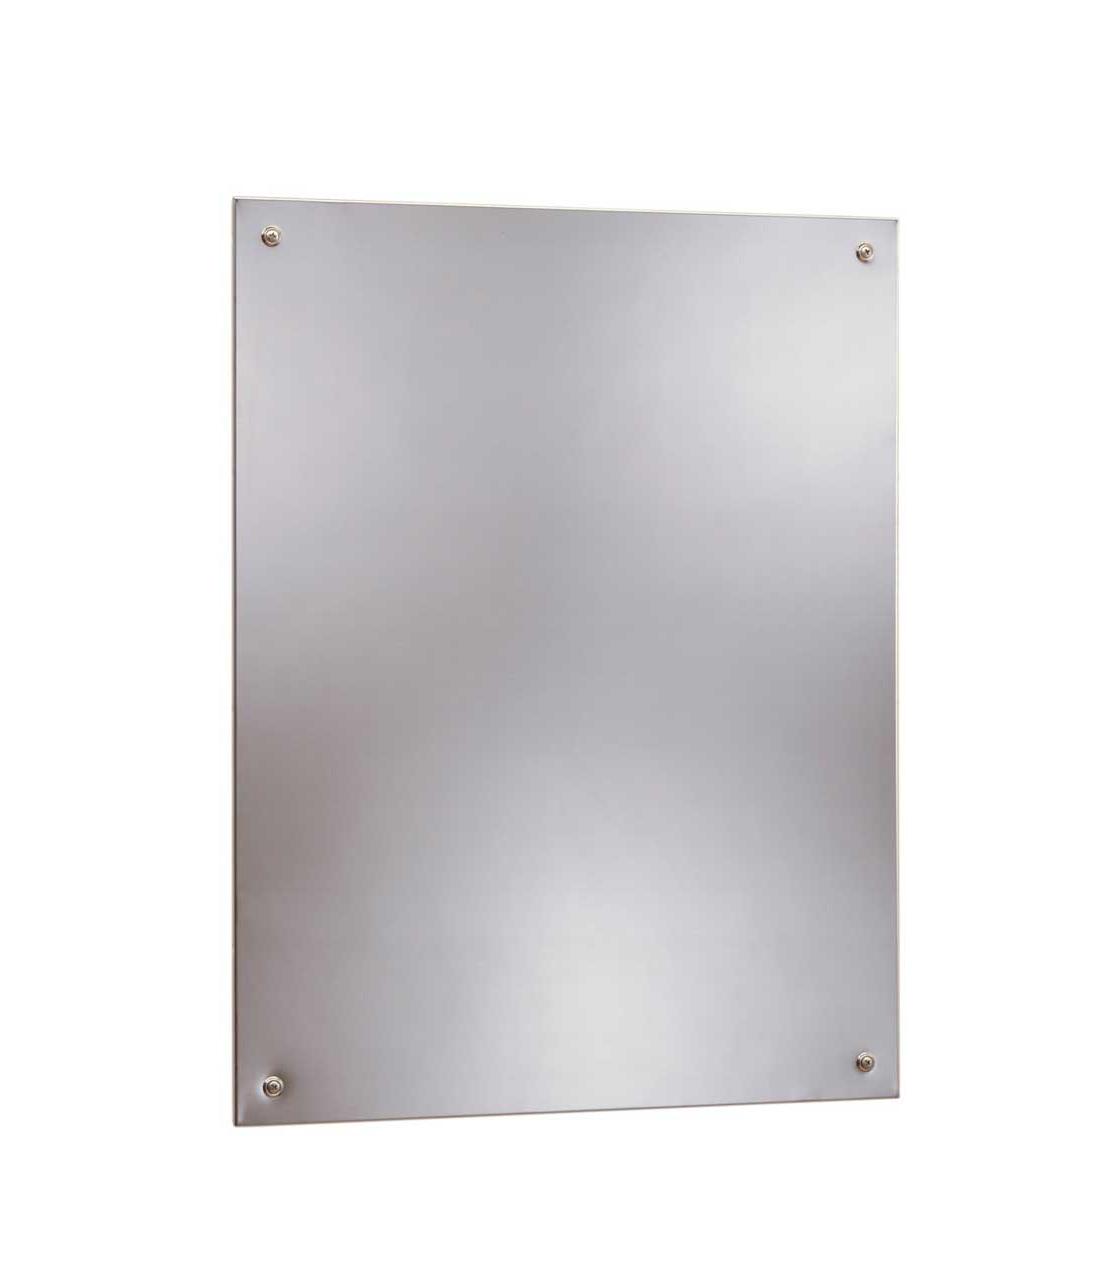 Bobrick B-1556 2436 Frameless Stainless Steel Mirror